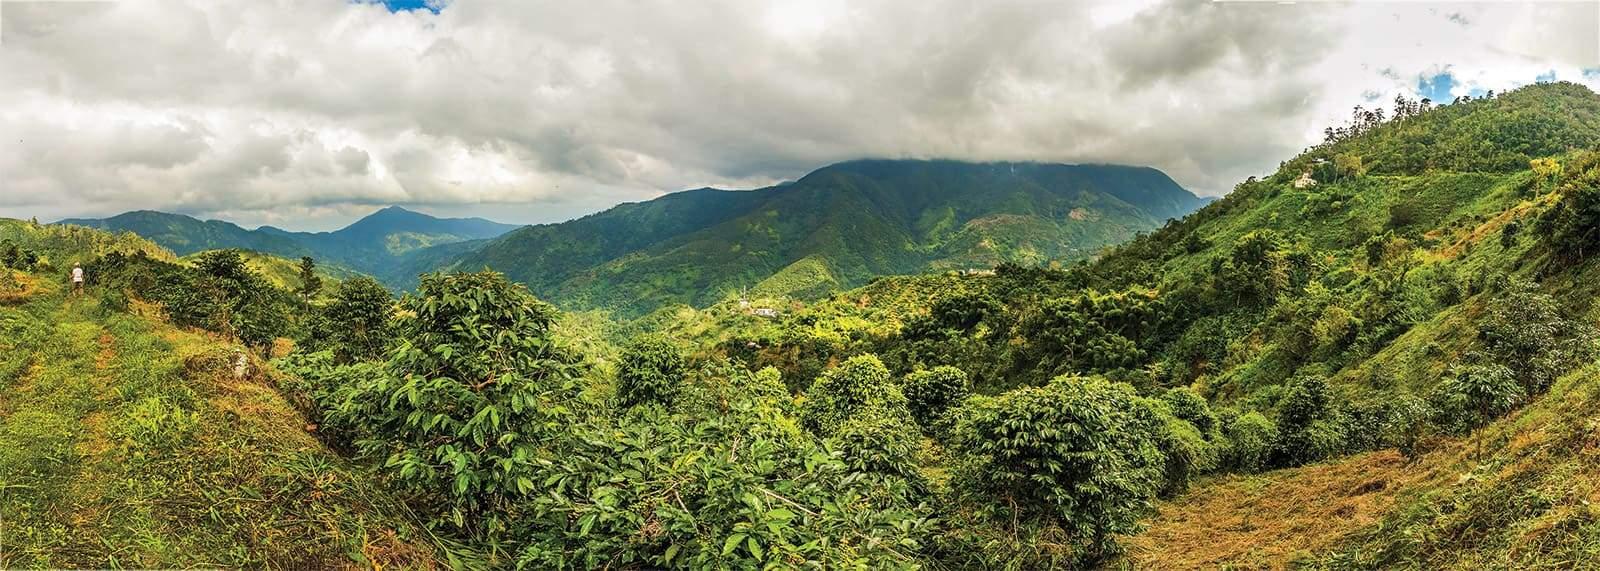 Montagnes de la Jamaïque